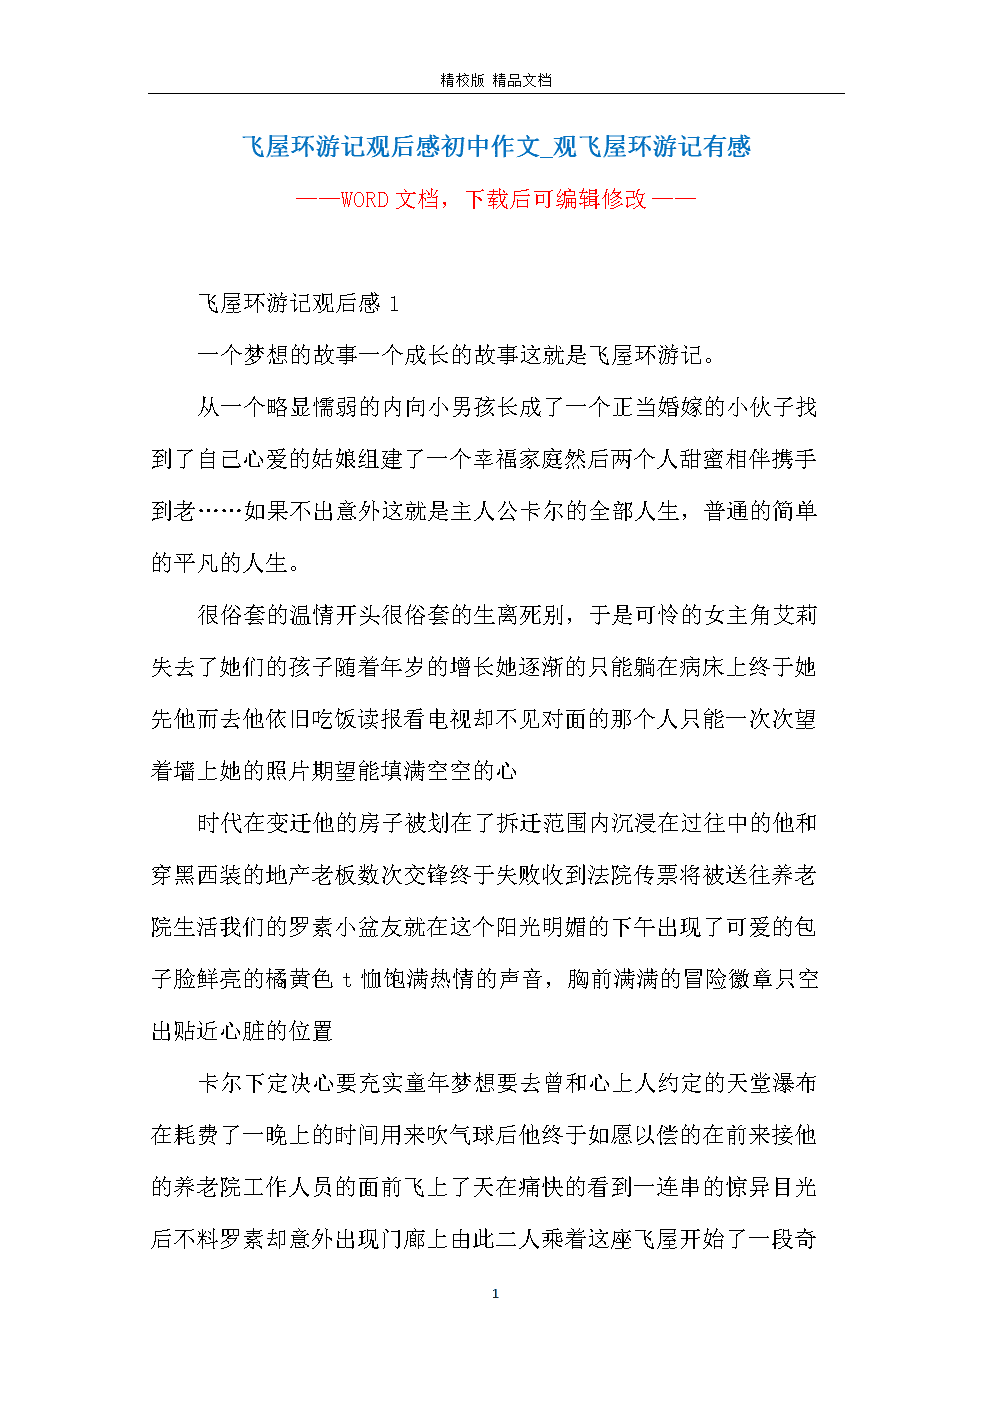 飞屋环游记观后感初中作文_观飞屋环游记有感.docx